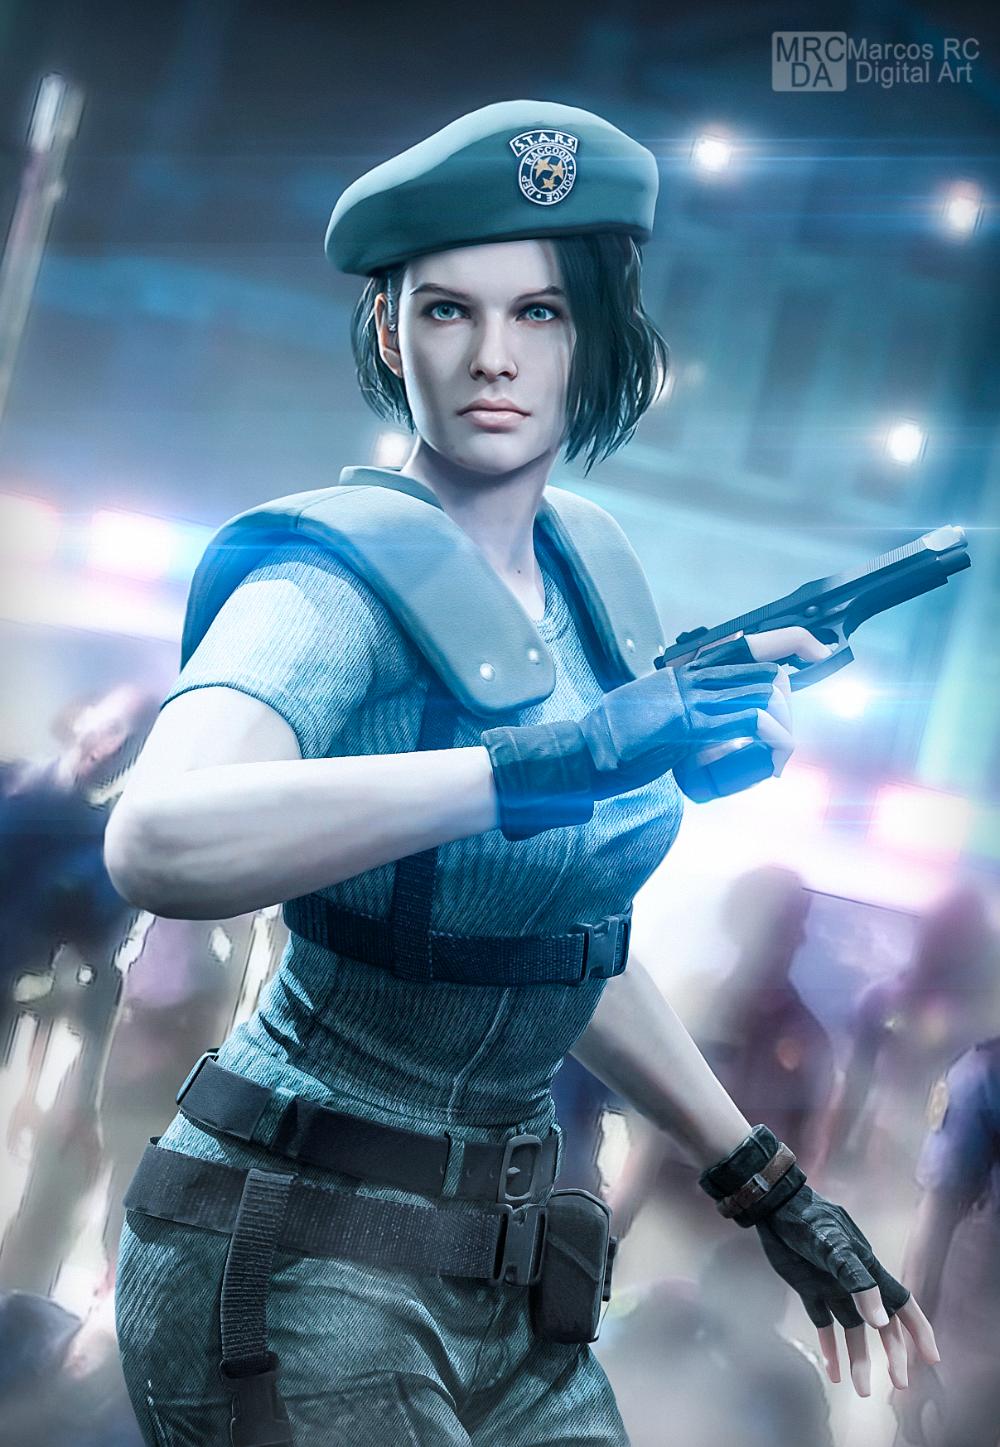 Jill Stars Re3 Costume From Re1 Remake Fanart By Mark Rc97 On Deviantart Resident Evil Girl Jill Valentine Resident Evil 3 Remake